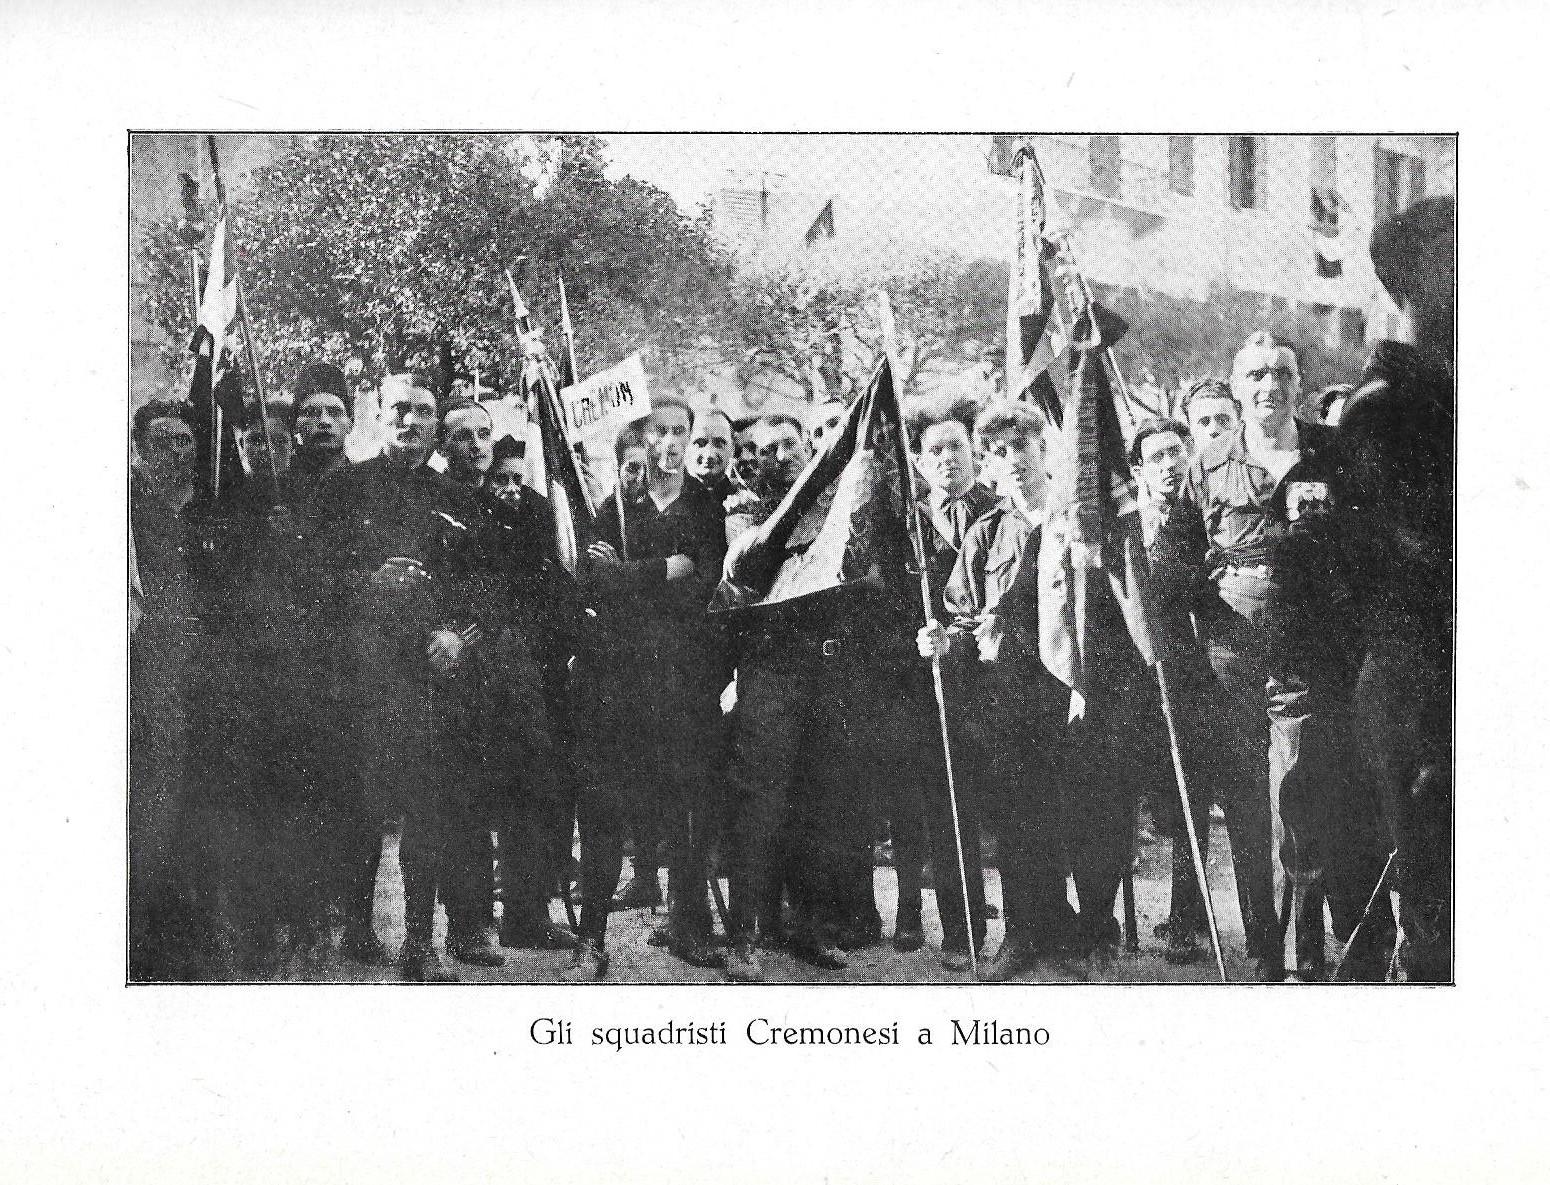 Cremona, Settembre 1920: la sera del 6 Settembre cadono 2 fascisti, ma è la fine del bolscevismo rosso e bianco in città (seconda parte) – Giacinto Reale